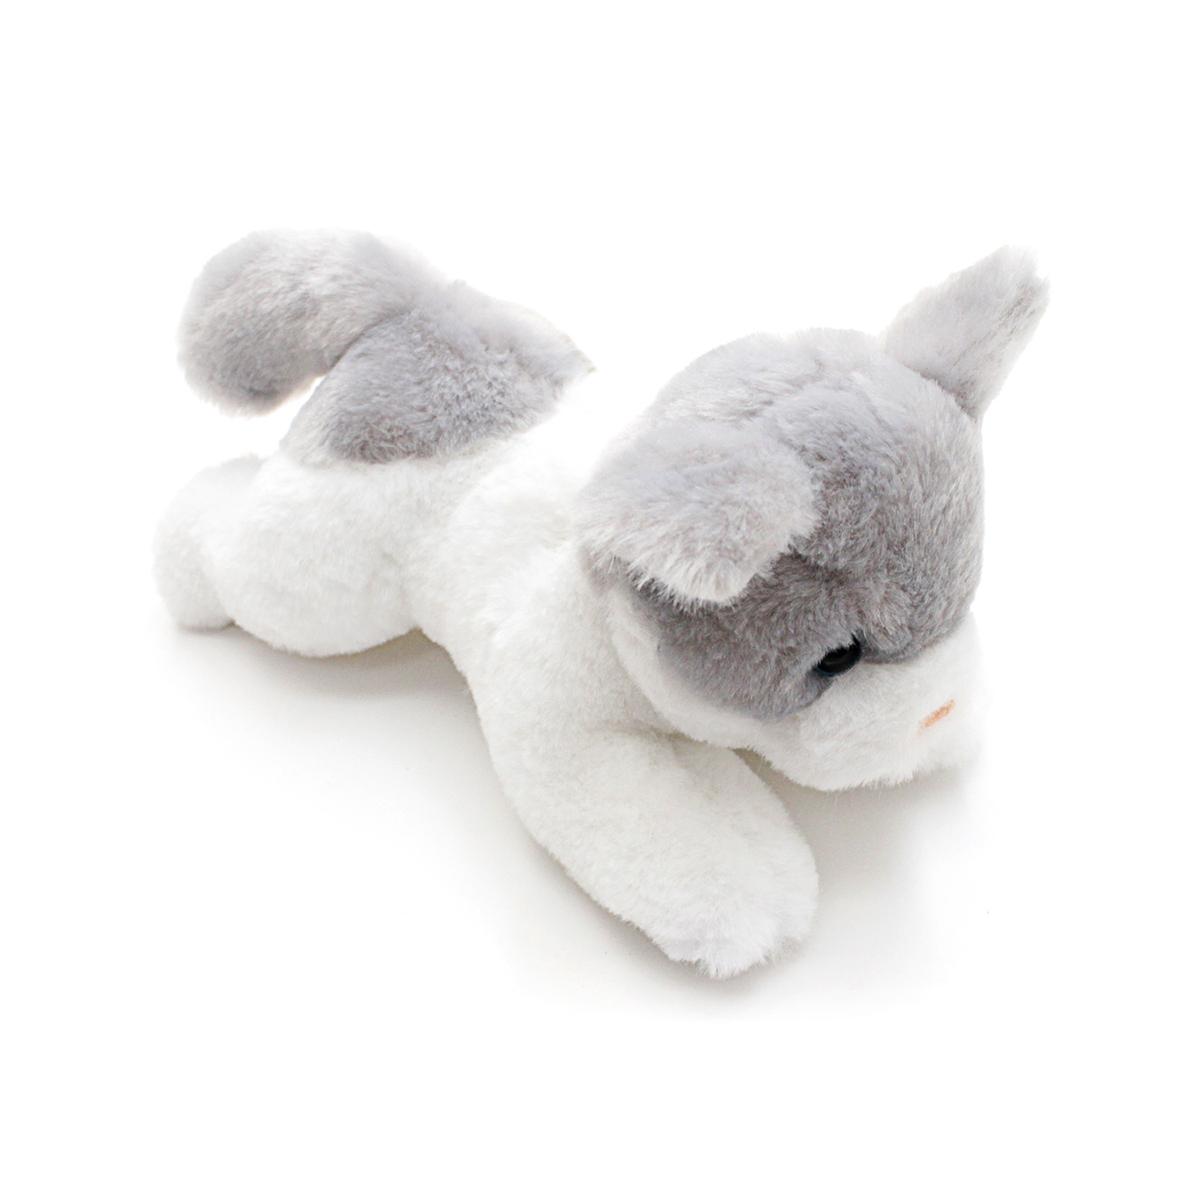 Button Blue мягкая игрушка котенок бело-серый